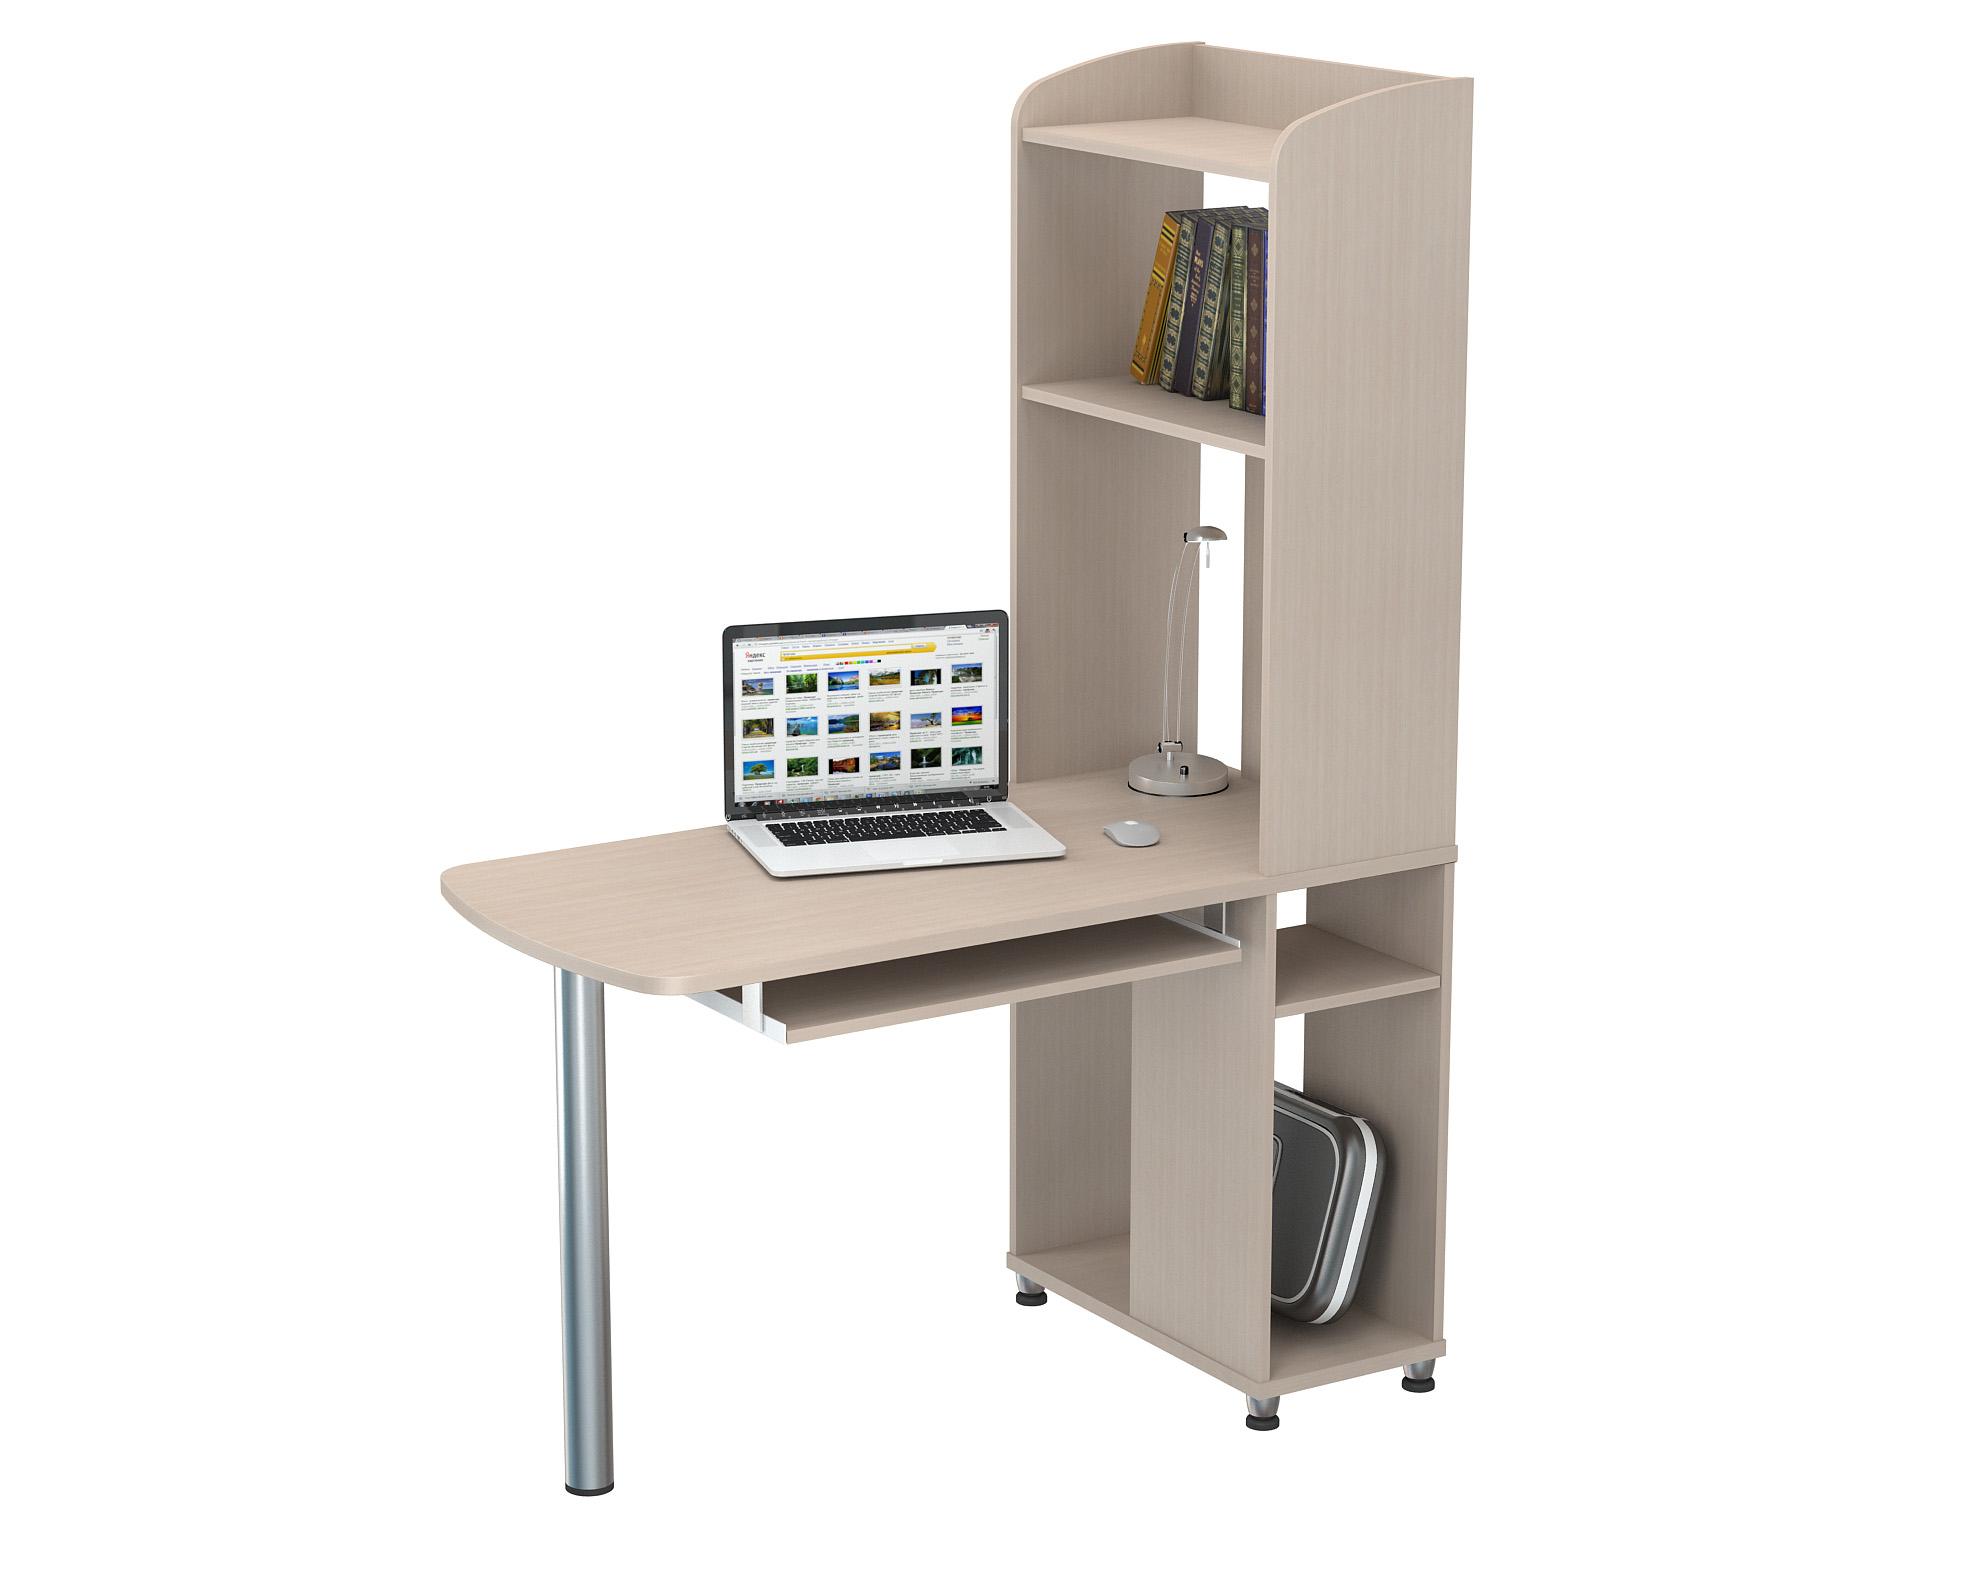 Стол компьютерный ВасКо КС 20-31 М1